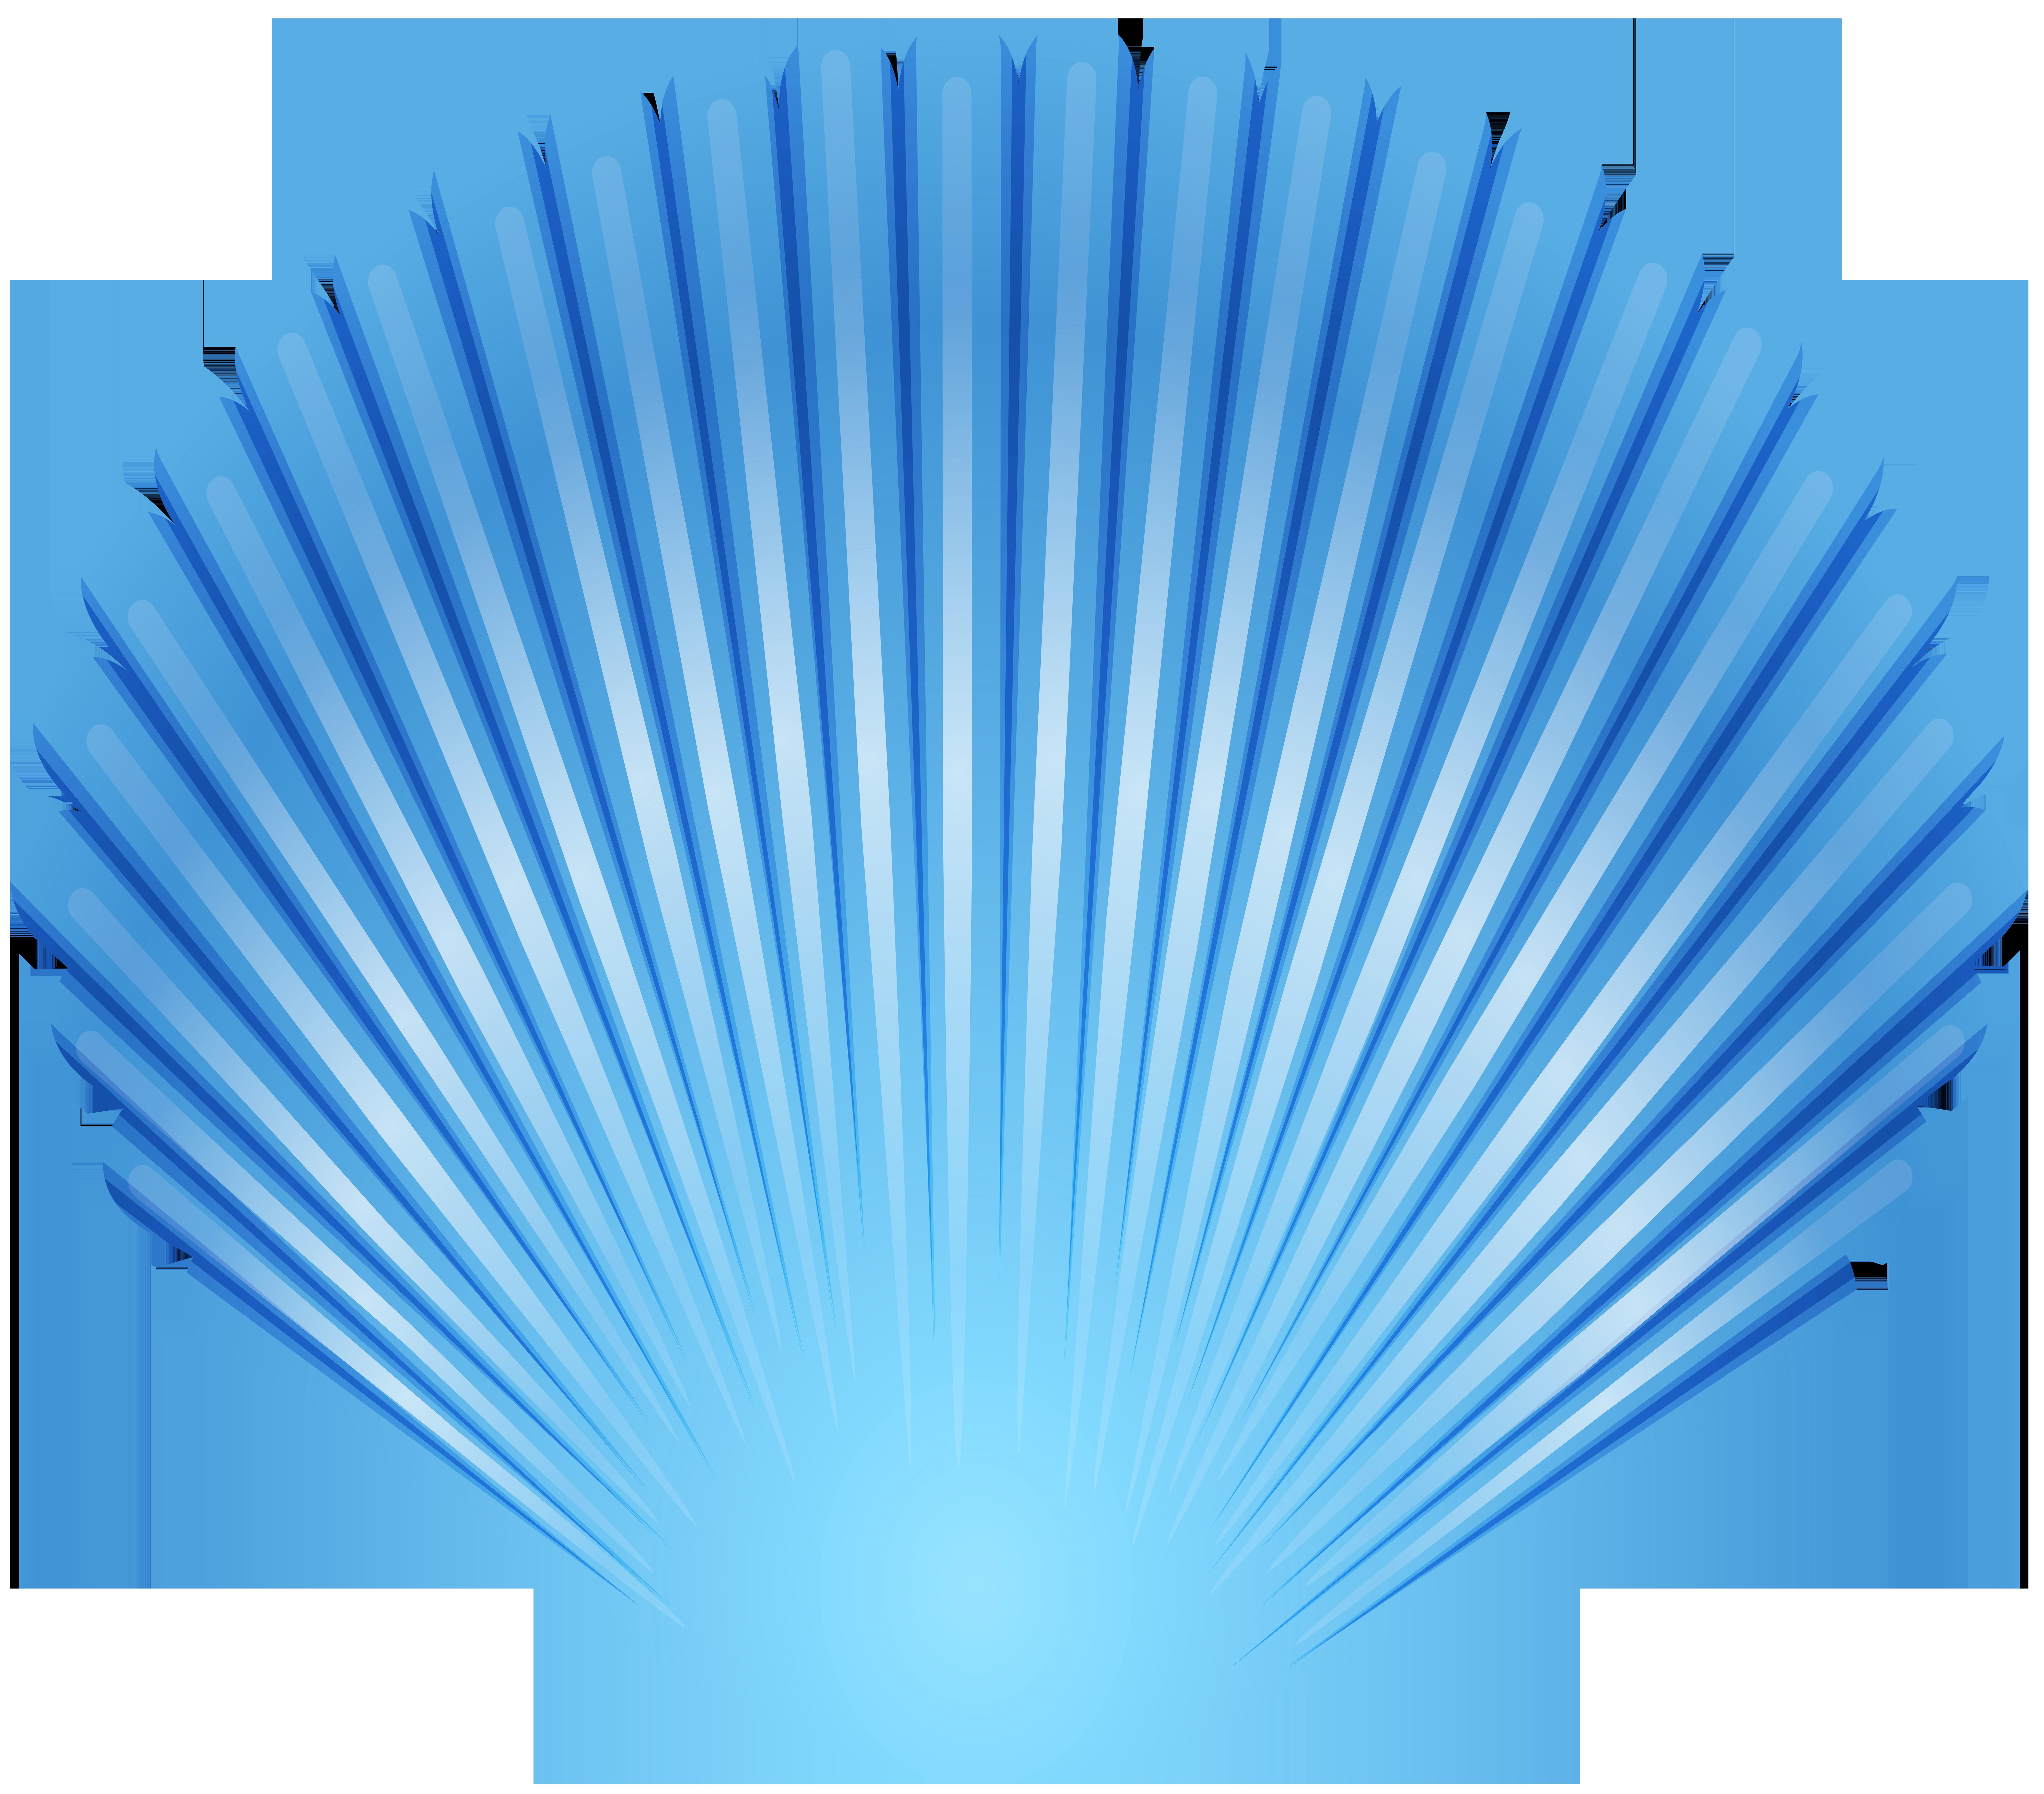 Blue seashell transparent png. Seashells clipart green